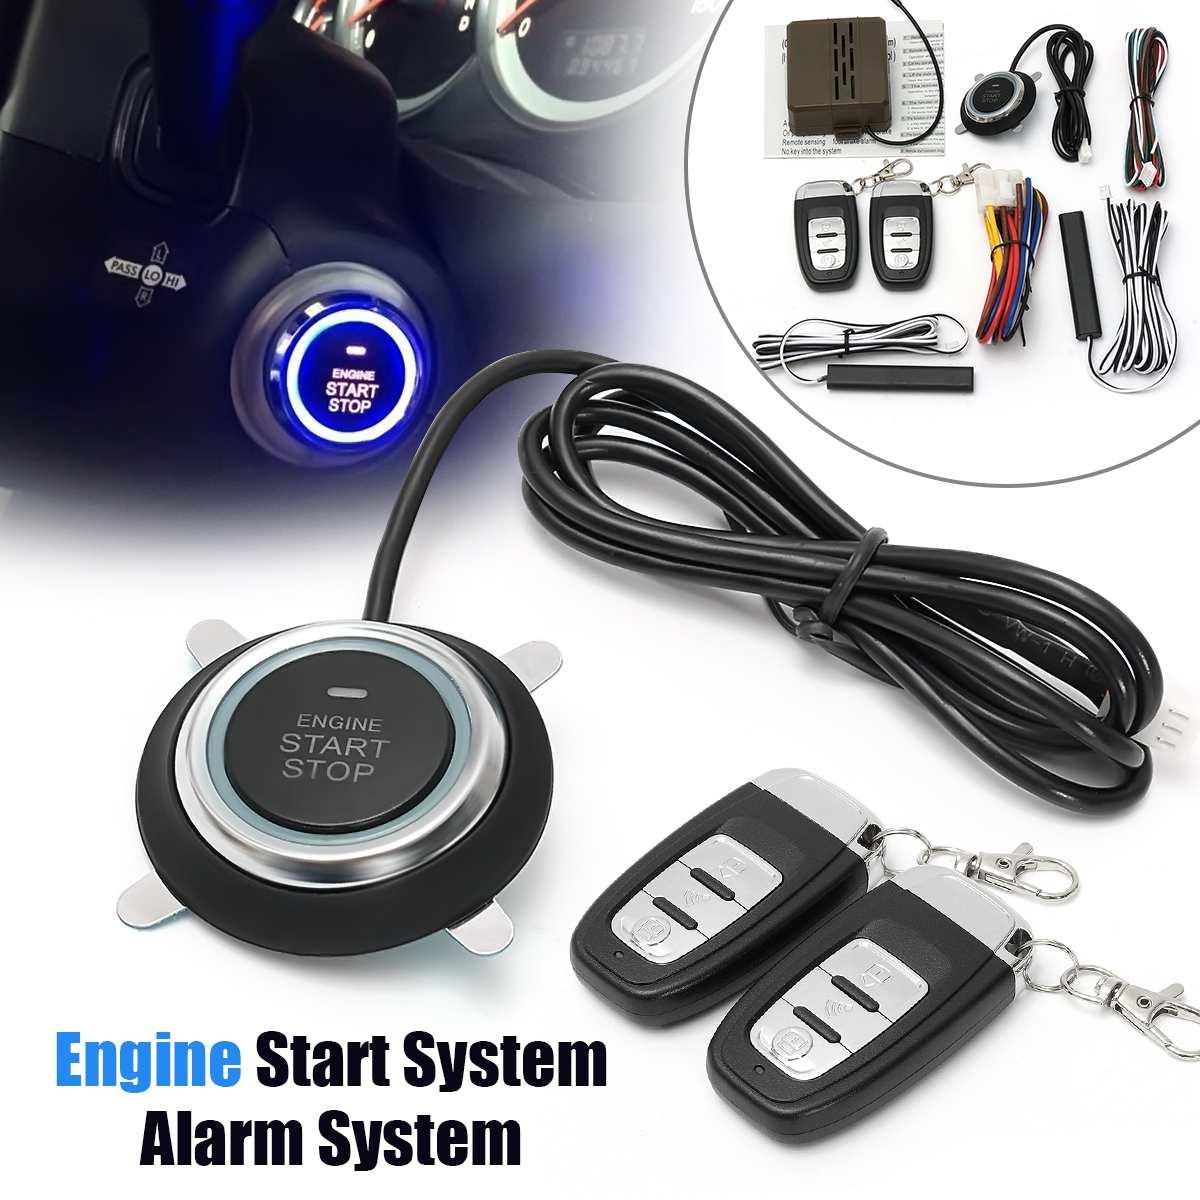 Audew автомобильный двигатель Start Stop внедорожник Автозапуск двигателя Автосигнализация система кнопочный пульт дистанционного стартера сто...